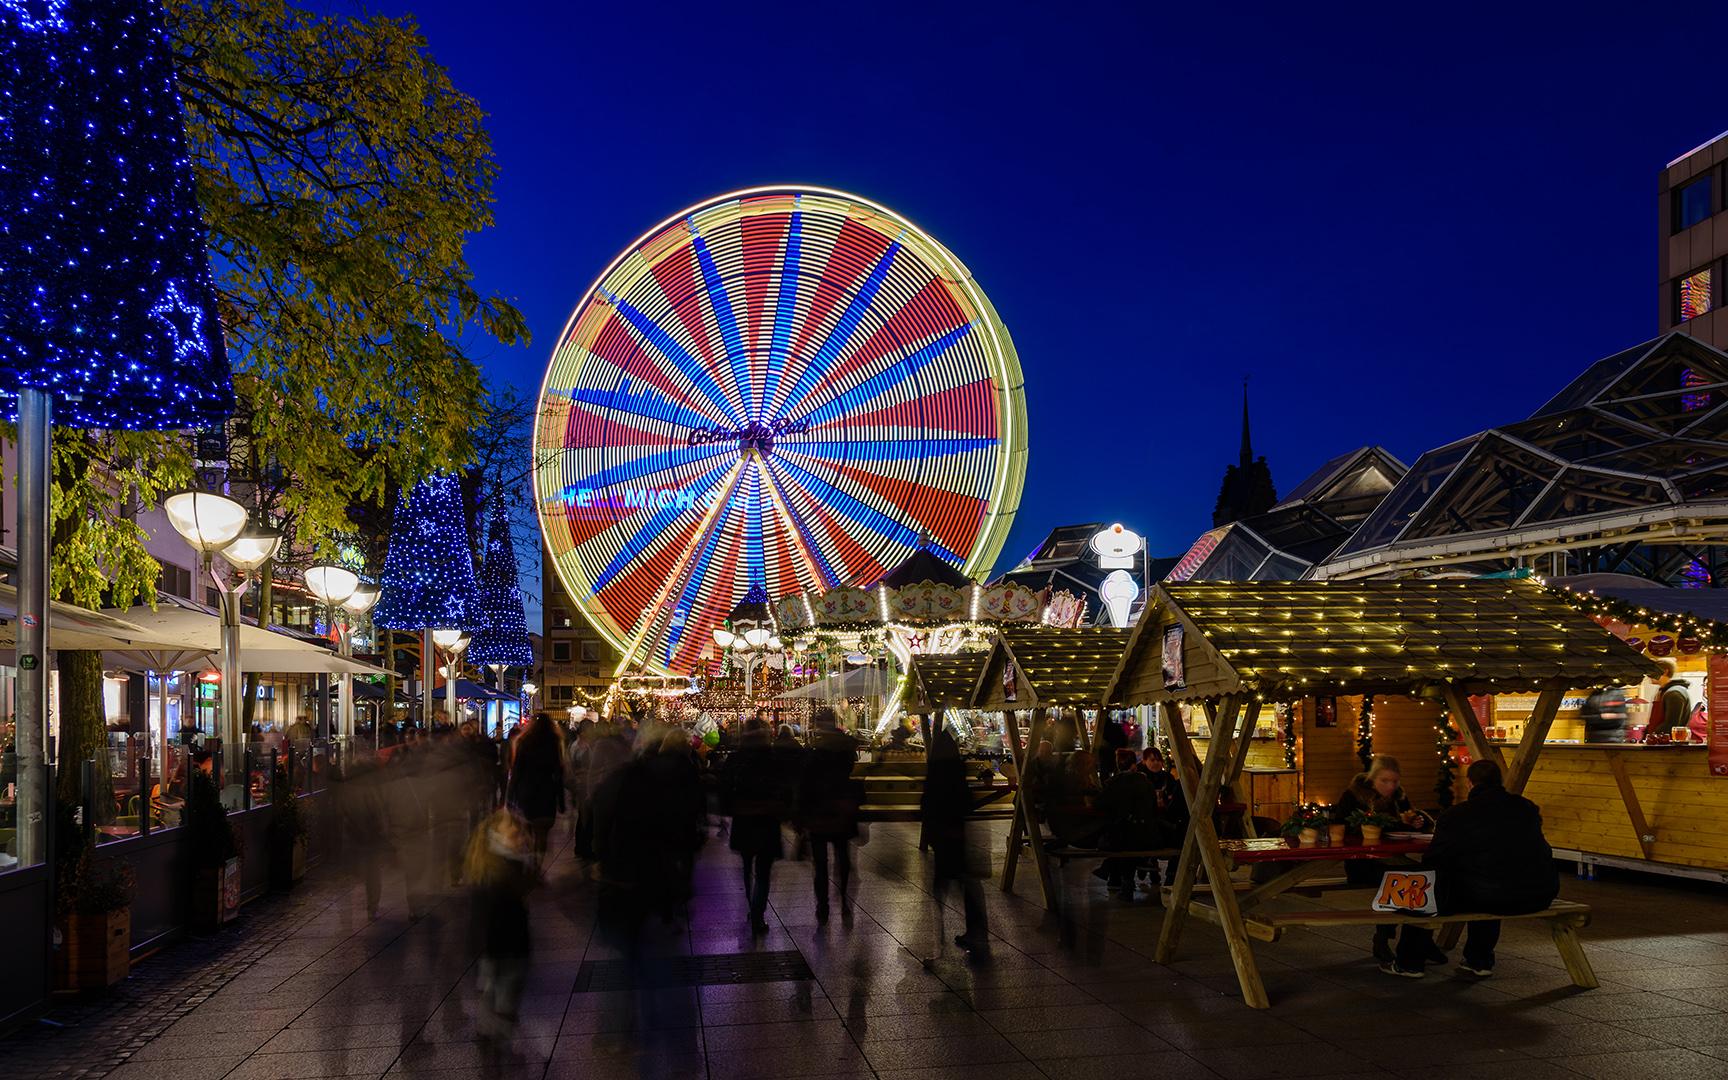 Auf dem Duisburger Weihnachtsmarkt (2) Foto & Bild ...